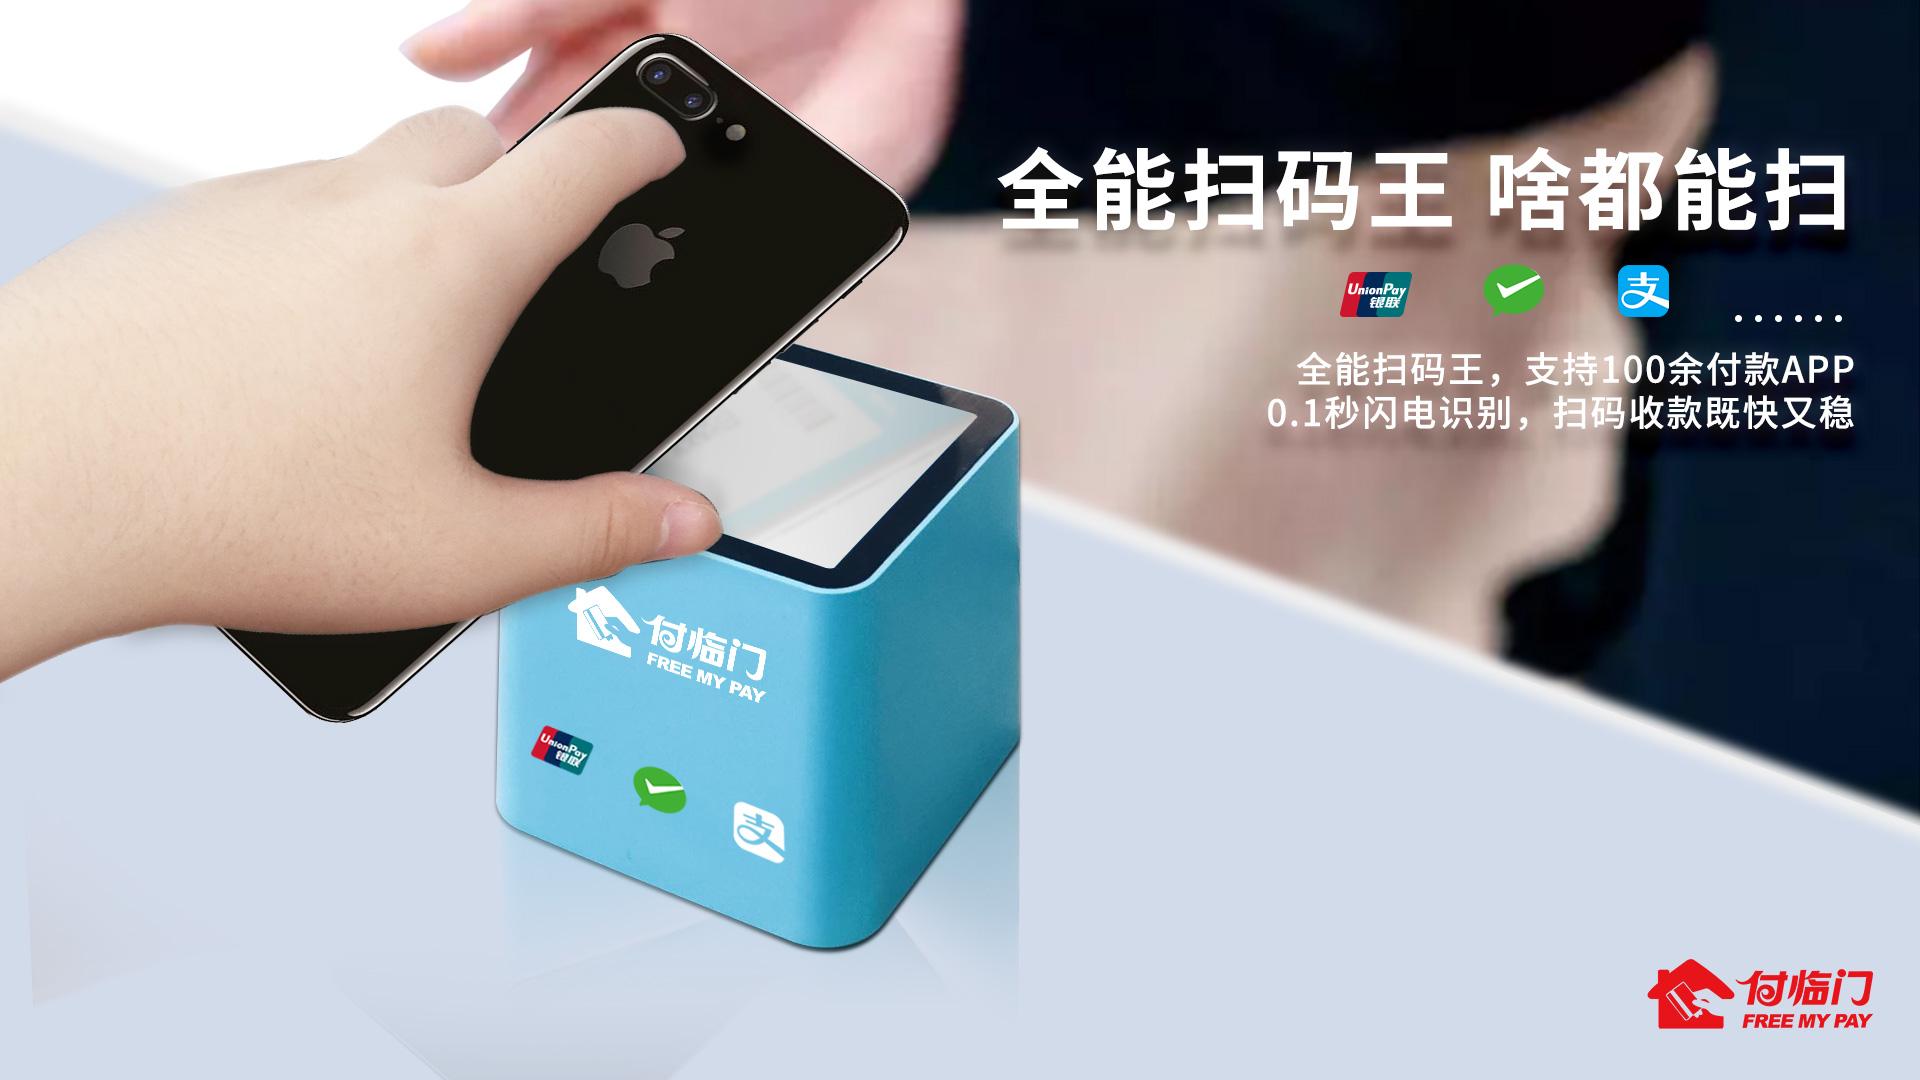 银嘉|POS加盟|老牌POS|POS招商加盟|MPOS哪种品牌好|全国POS加盟品牌|POS最受欢迎的品牌|哪种pos机好|POS的作用|使用pos的好处|信用卡POS|POS|mpos|上海pos|移动pos机|银联pos机|刷卡器|手刷|支付|第三方支付|信用卡支付|pos代理|银嘉POS|银嘉mpos|银嘉钱包|拉卡拉POS|盒子支付|即付宝|财付通|汇付天下|付临门|乐富